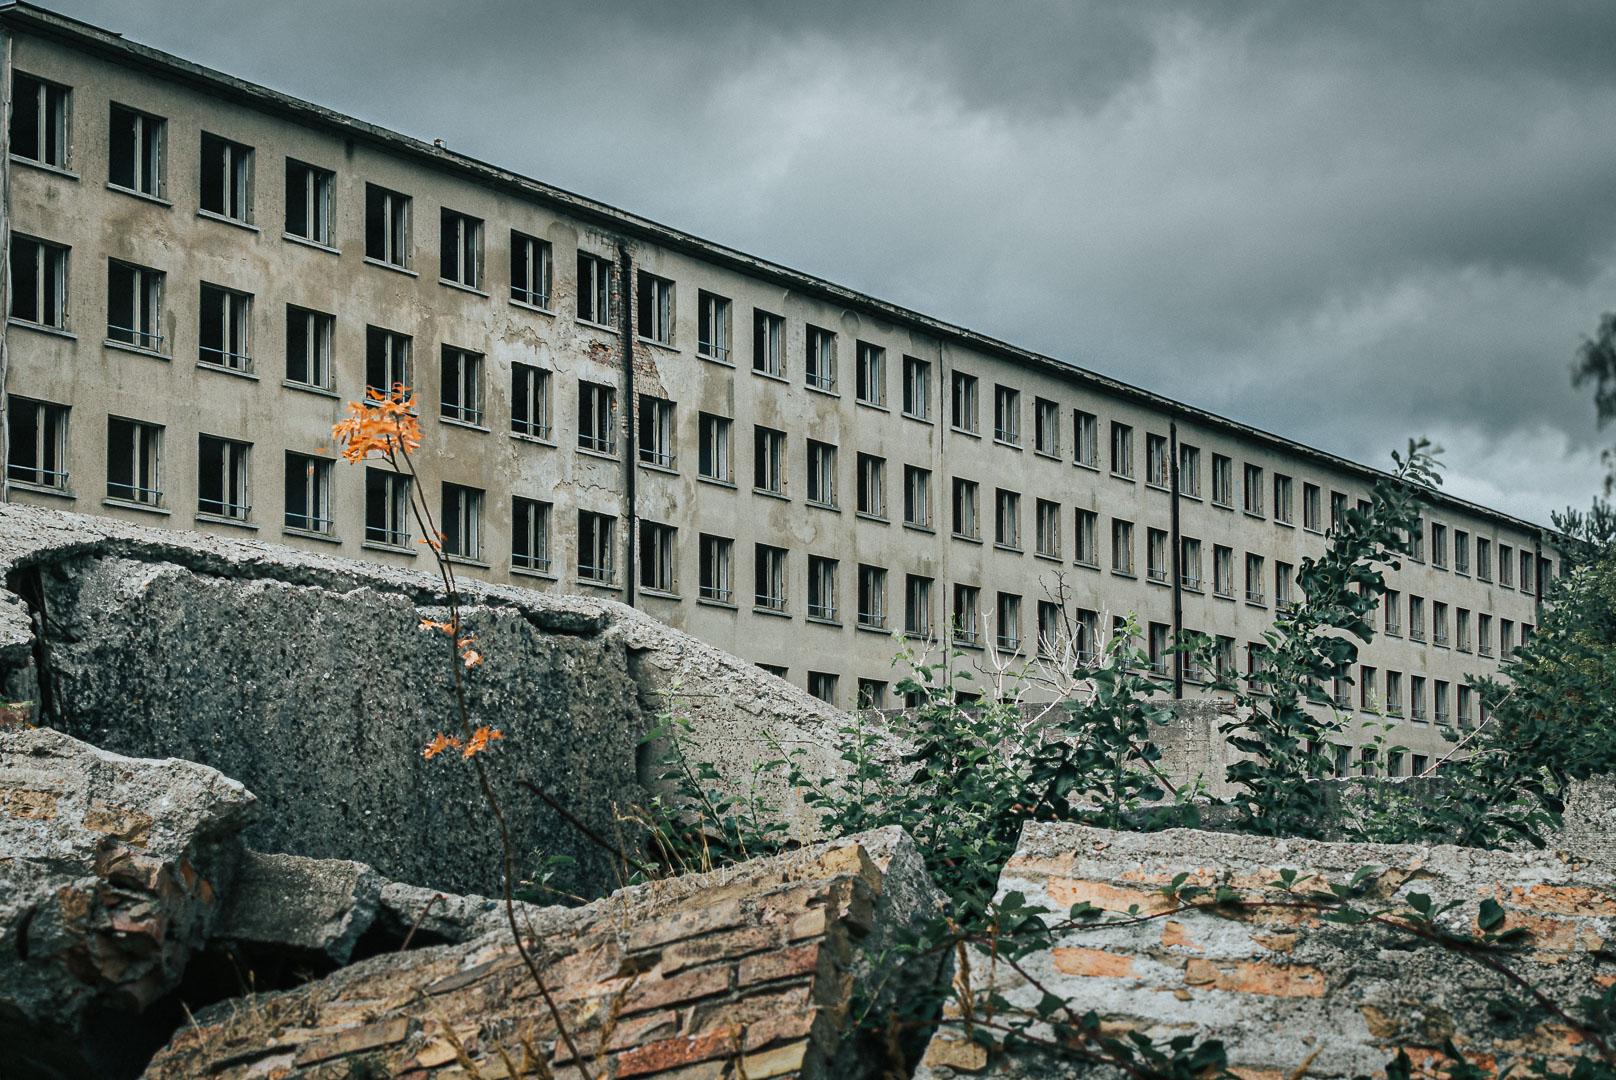 Koloss-von-Prora